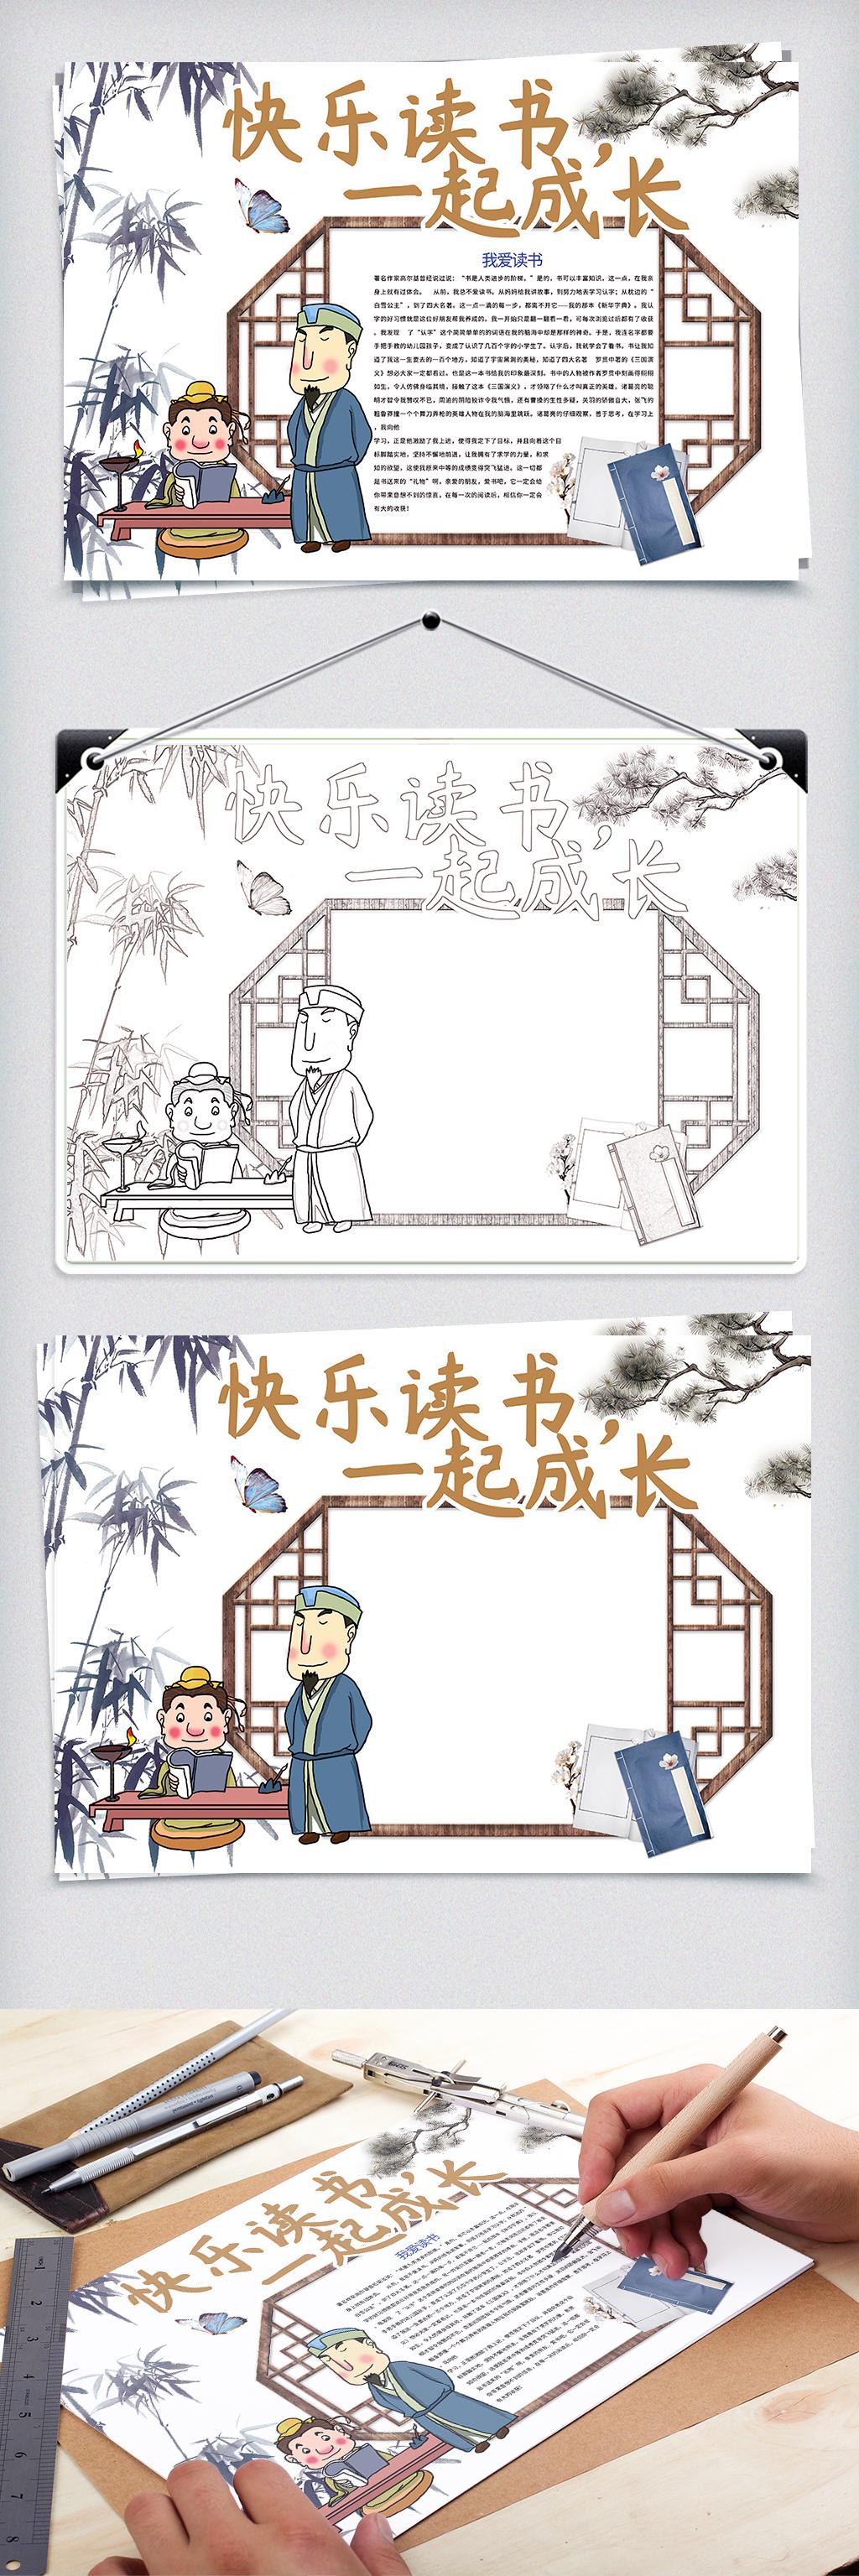 手抄报|小报 读书手抄报 亲子共读手抄报 > 中国风快乐读书一起成长